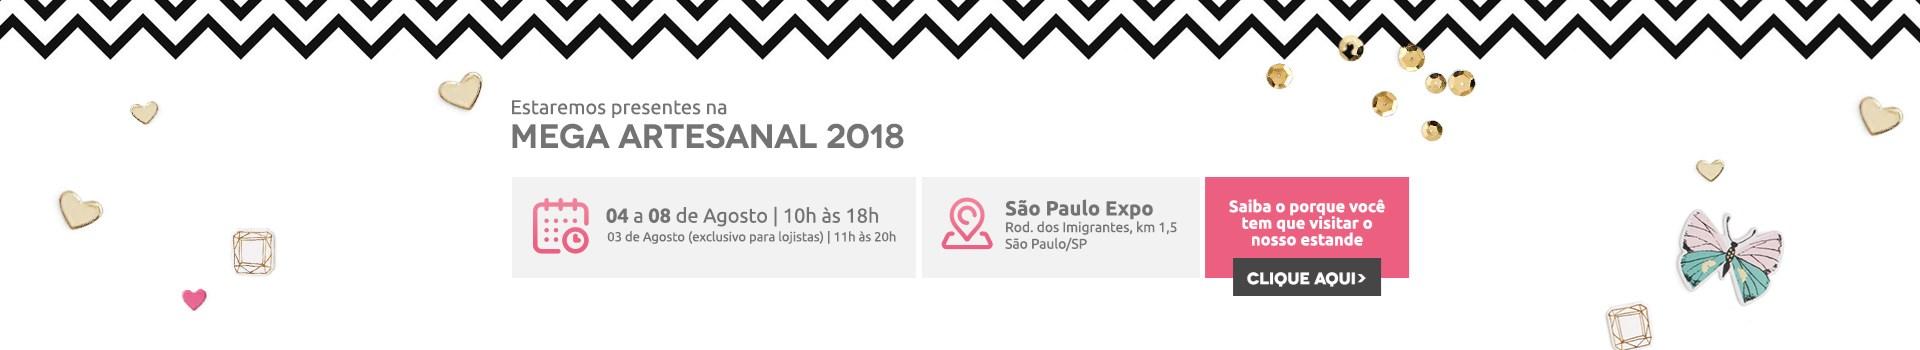 Estaremos presentes na Mega Artesanal 2018! De 04 a 08 de Agosto, das 10h às 18h, no São Paulo Expo.